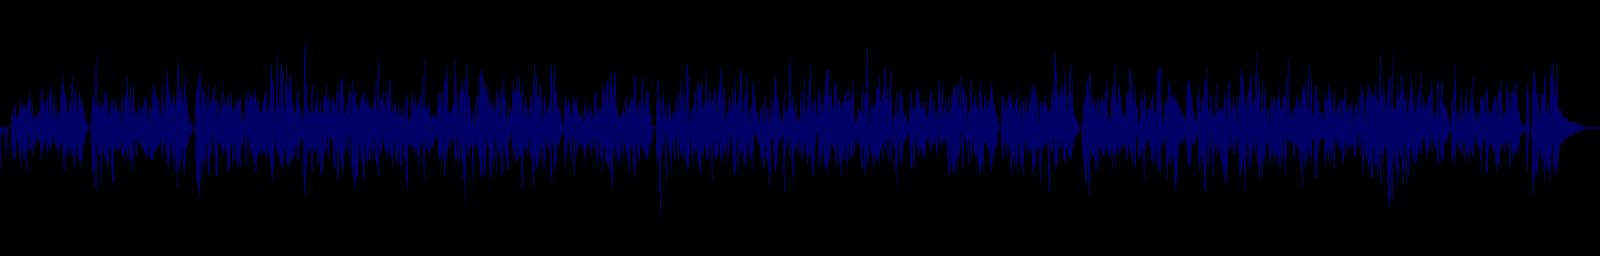 waveform of track #154002